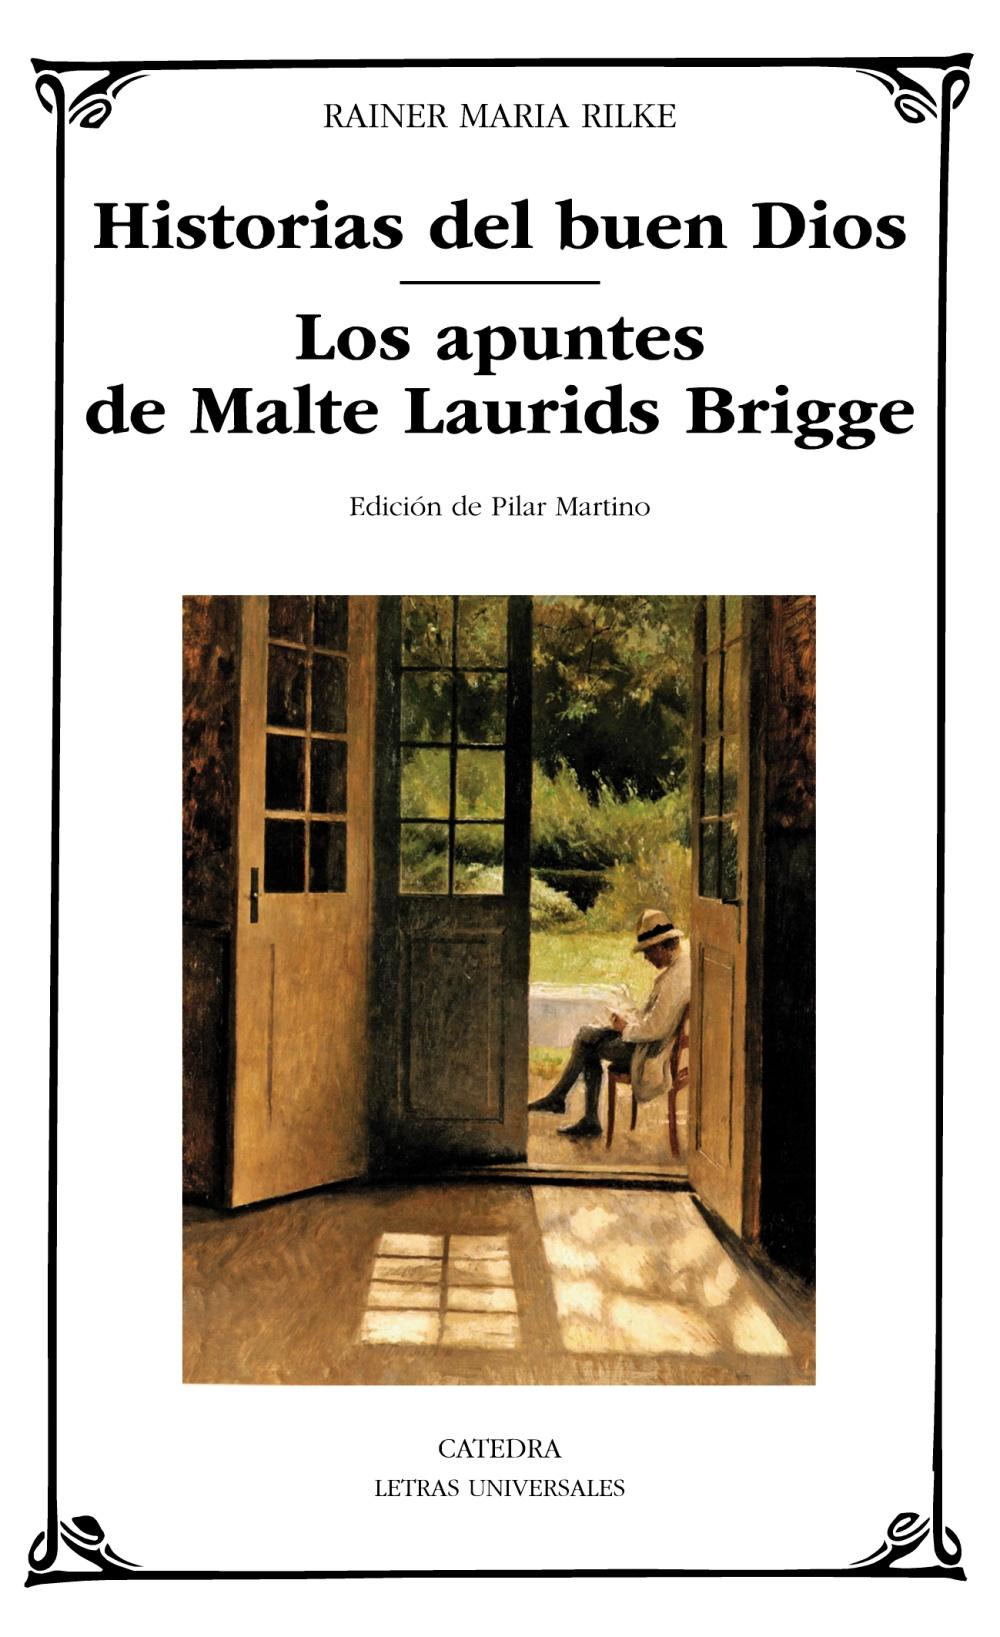 Historias del buen Dios; Los apuntes de Malte Laurids Bridge